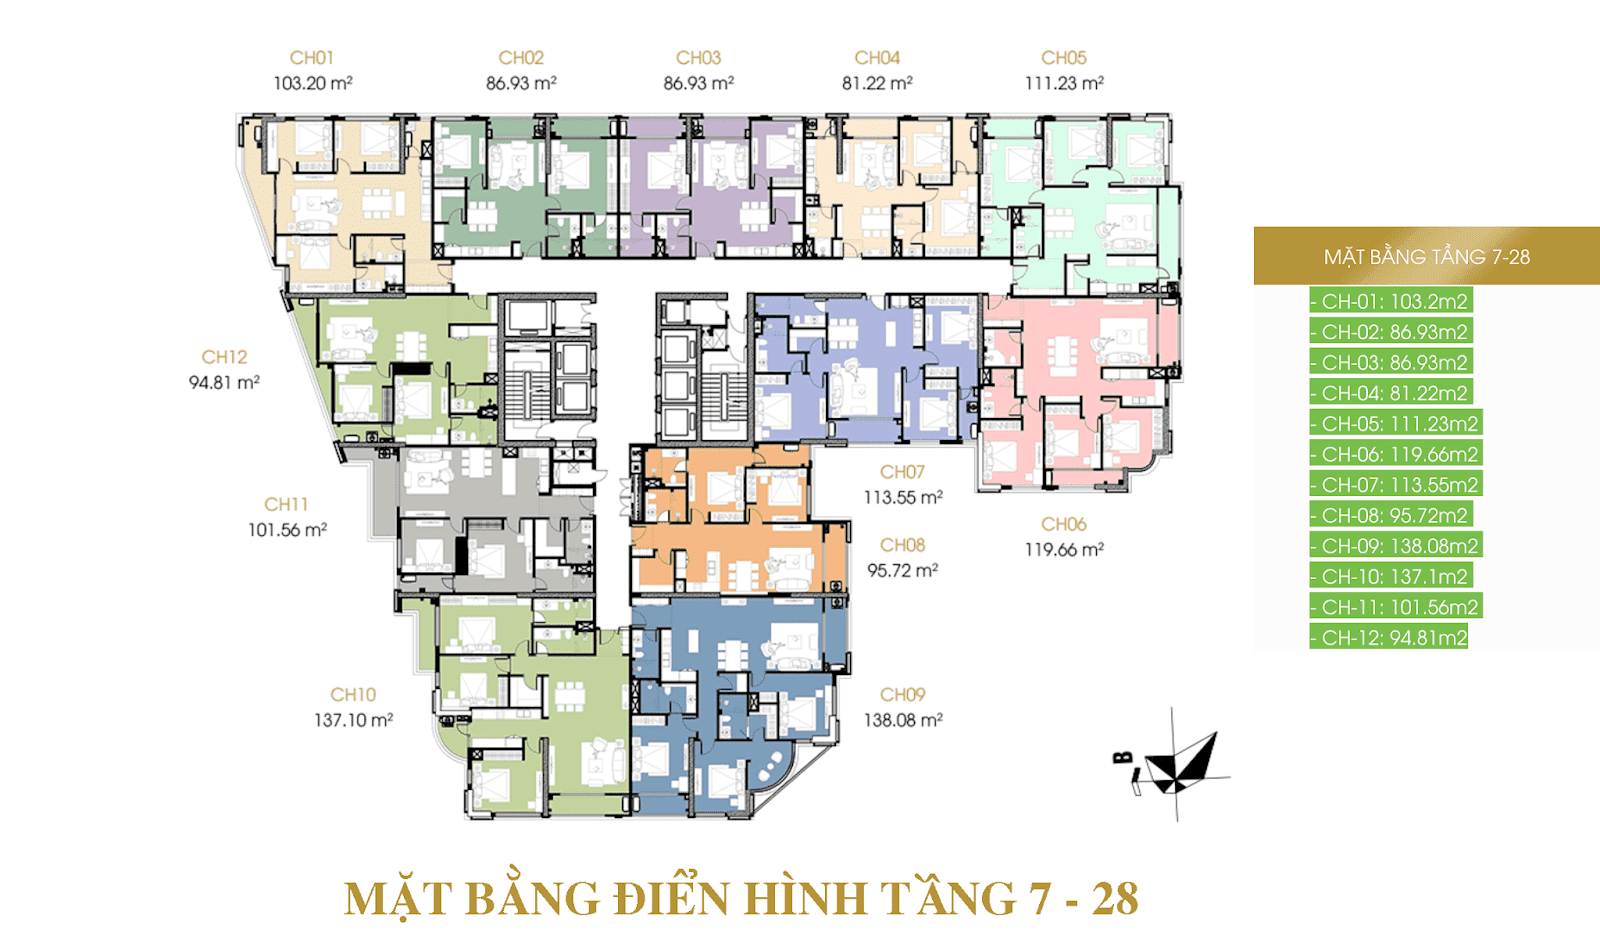 Mặt bằng điển hình căn hộ chung cư Hateco Lamora